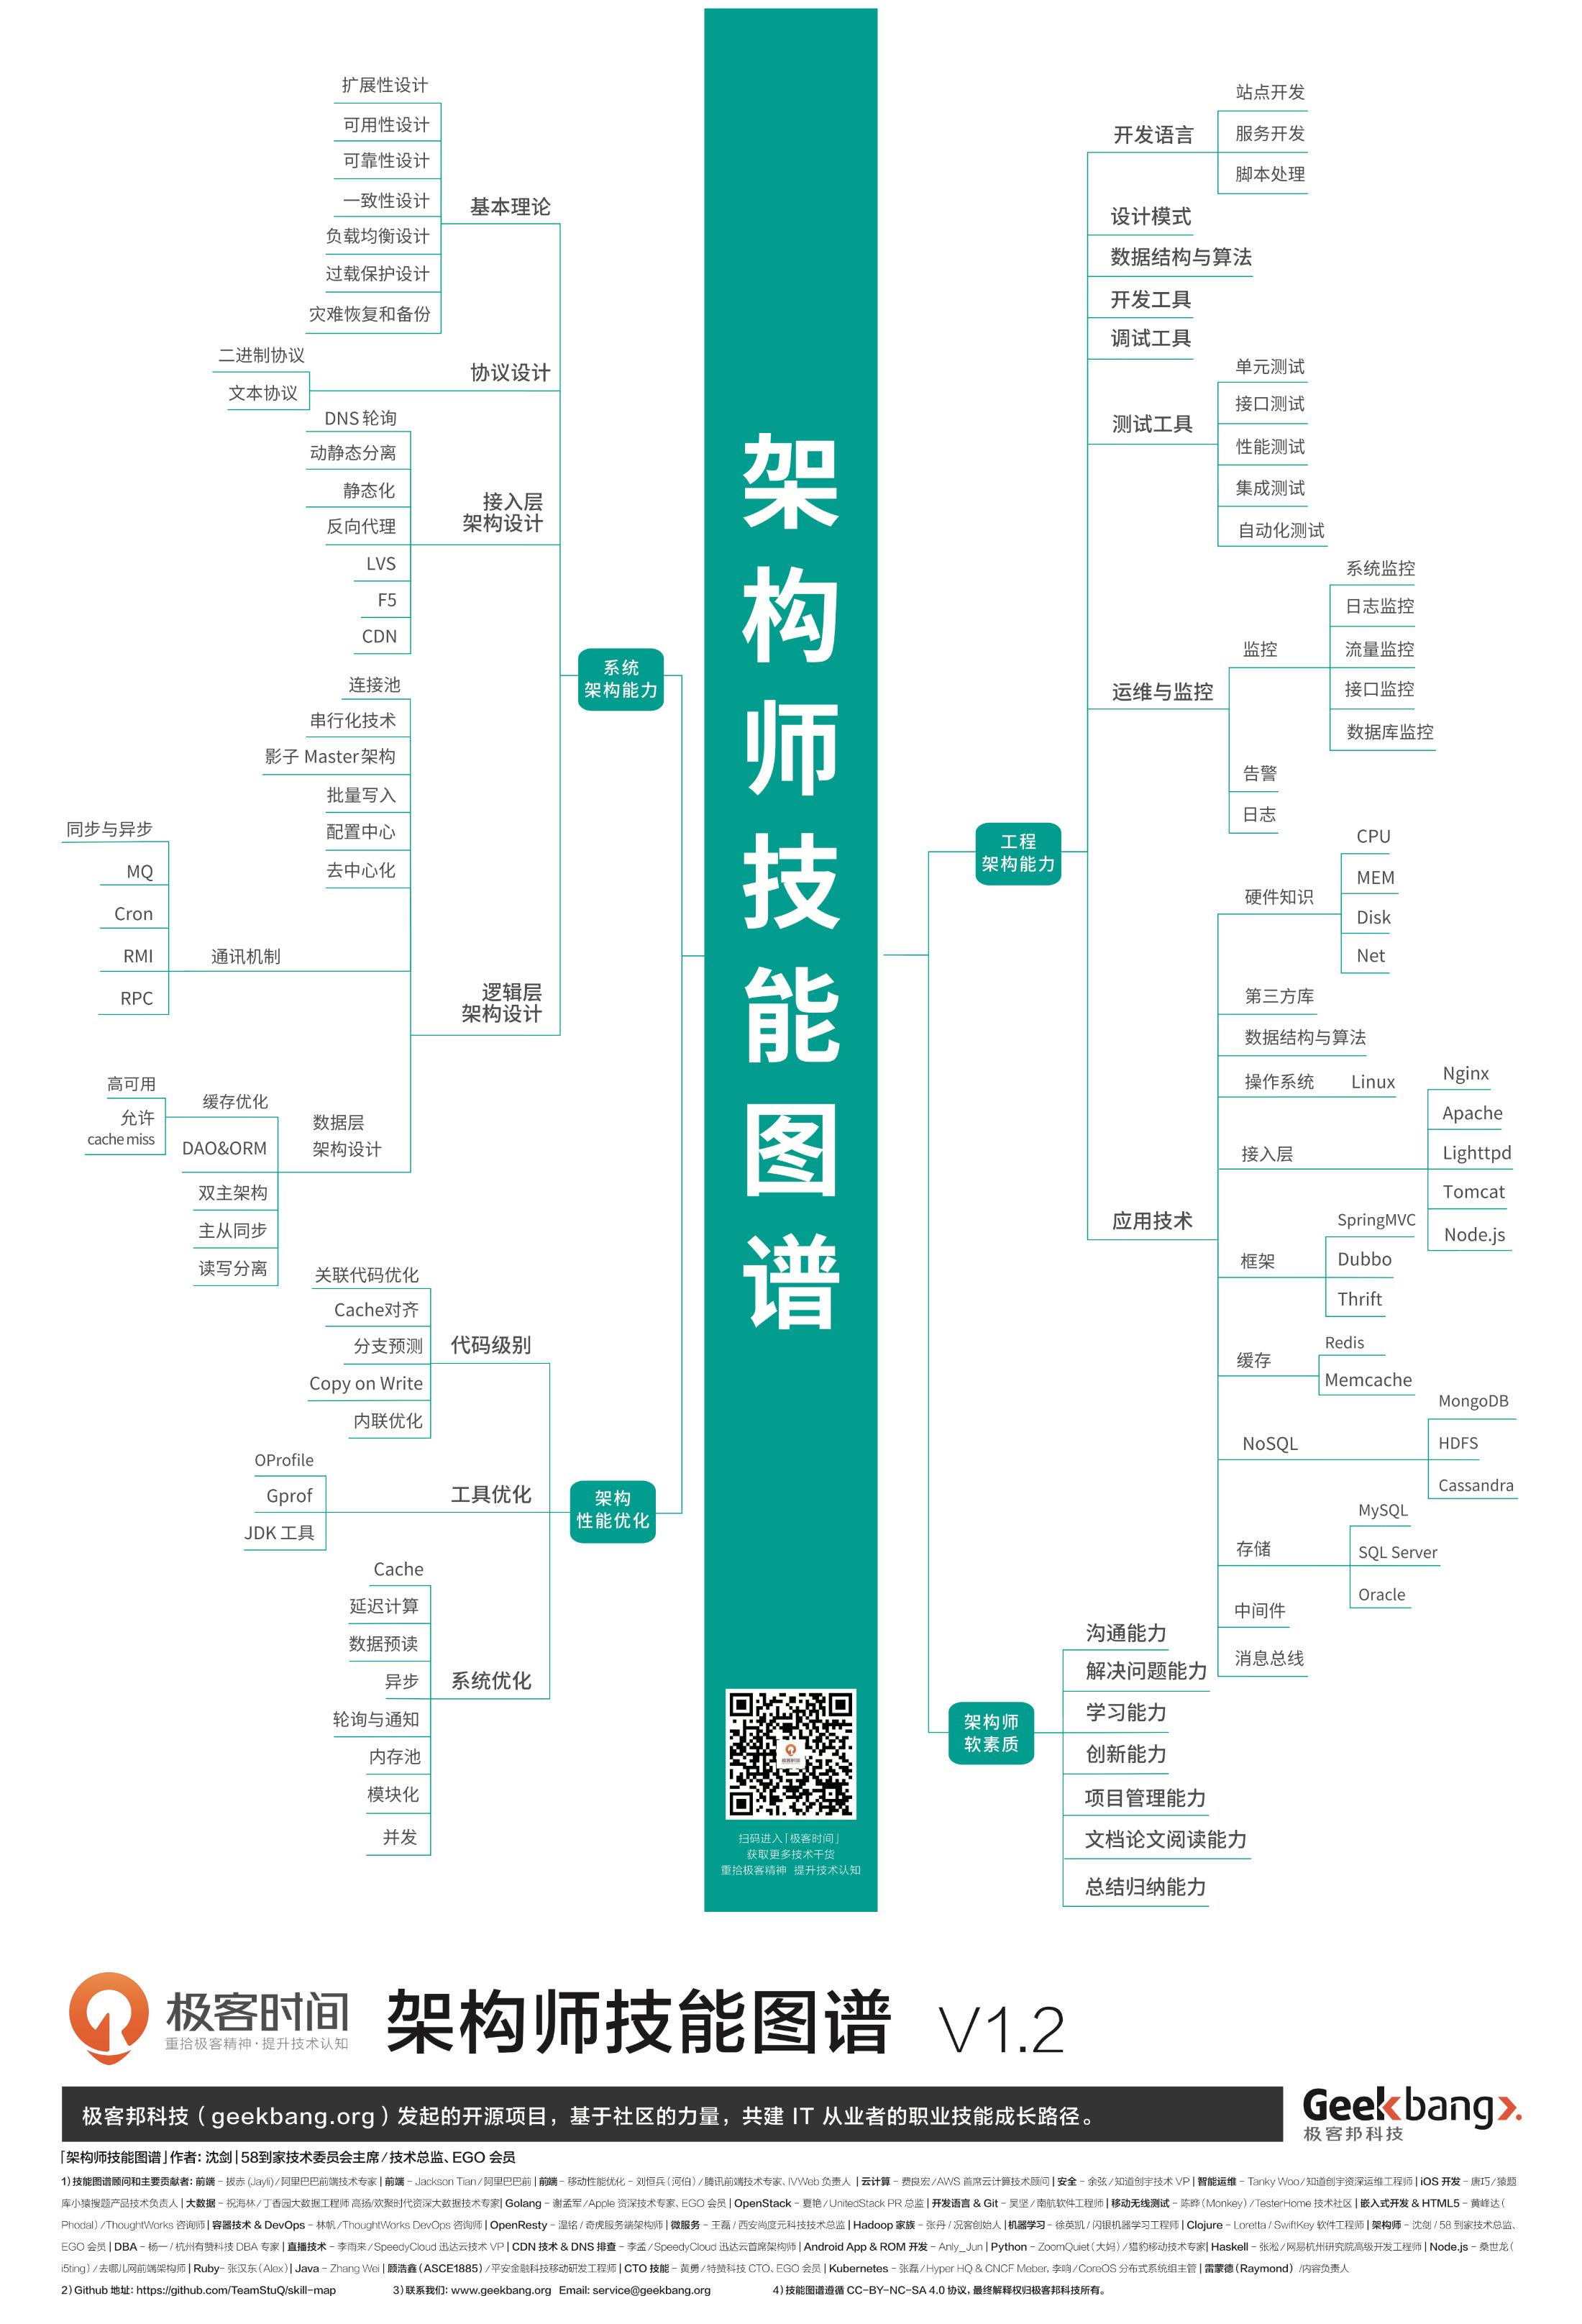 20181219_程序员技能图谱-架构师-by-StuQ.png